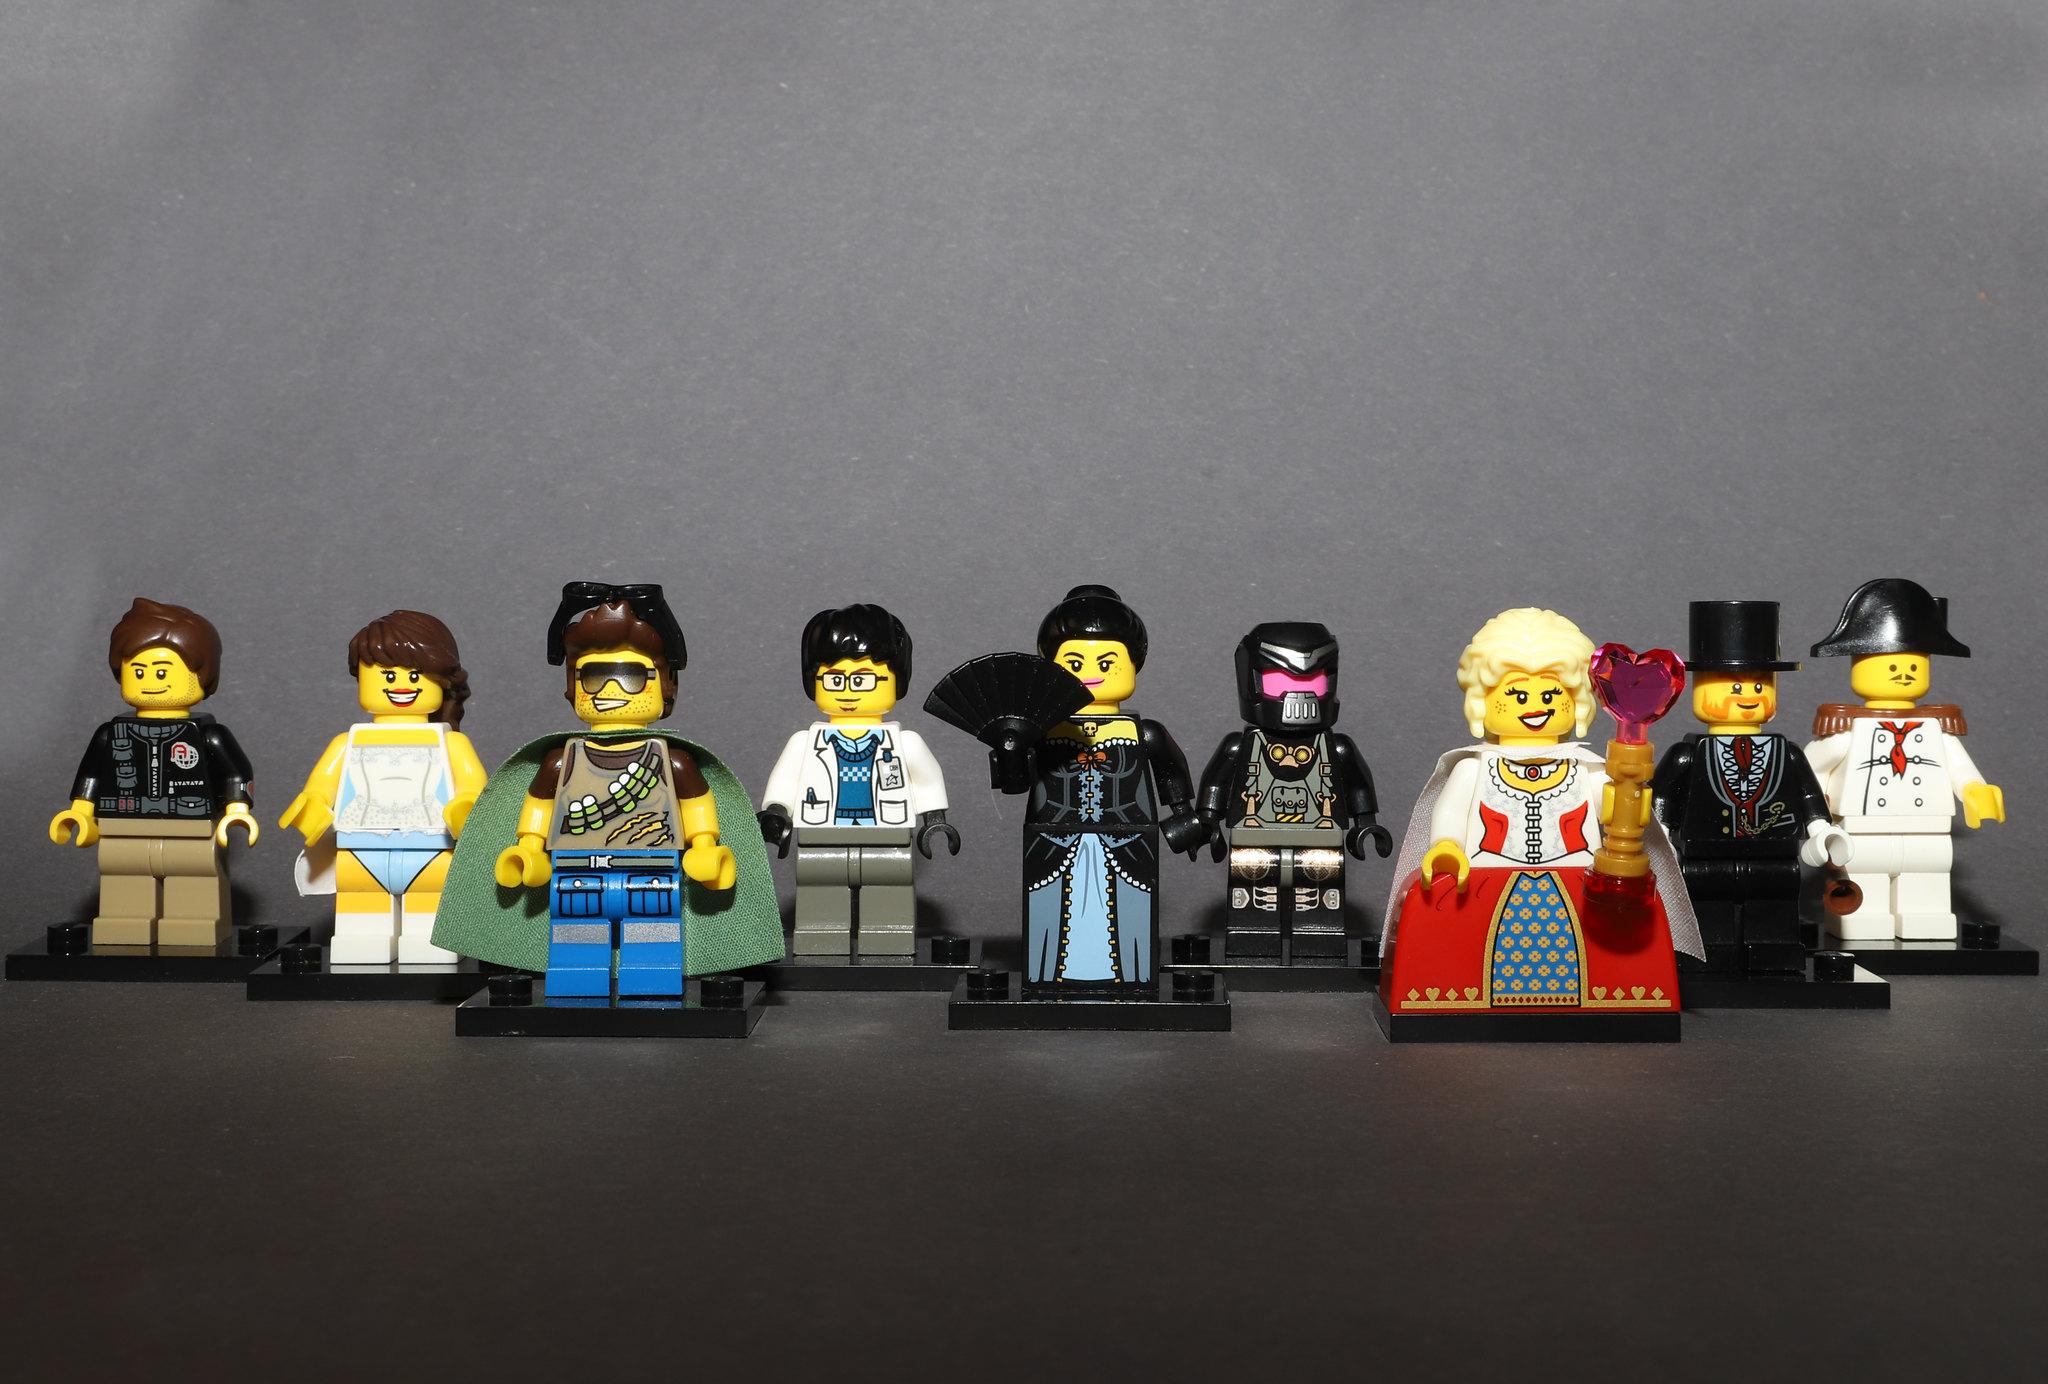 [Photographie + LEGO] Quand le VDF croise l'univers des LEGO 31282618737_cc6be5ed54_k